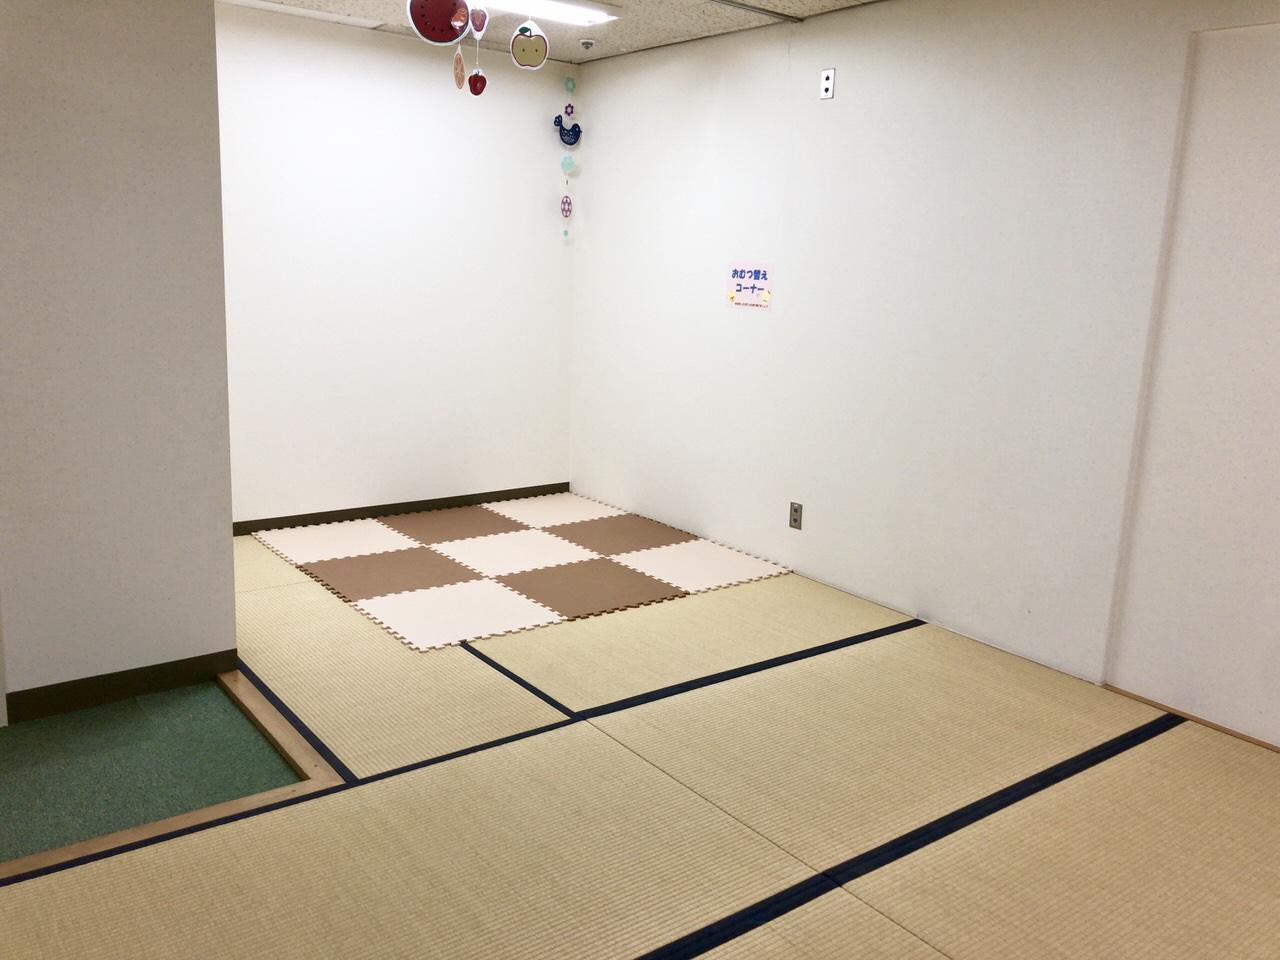 にぎわいプラザ子育て支援センターおむつ替えコーナー